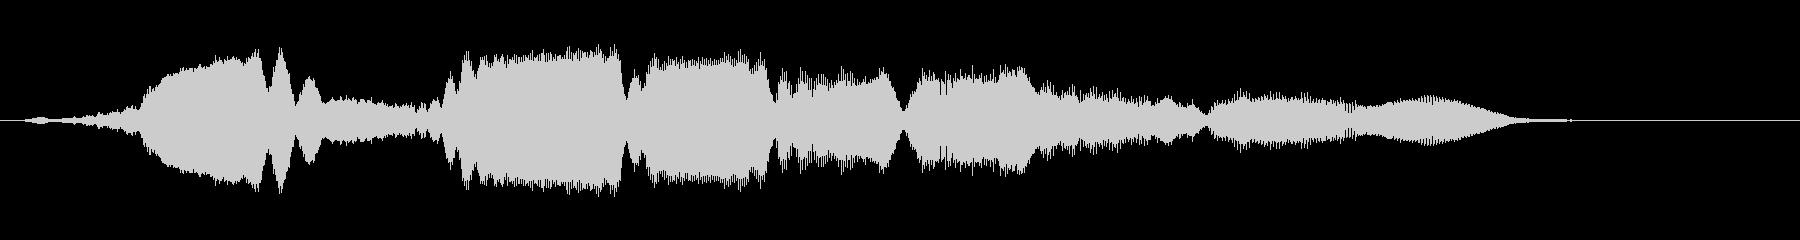 パンフルートの下降 グリッサンドの未再生の波形